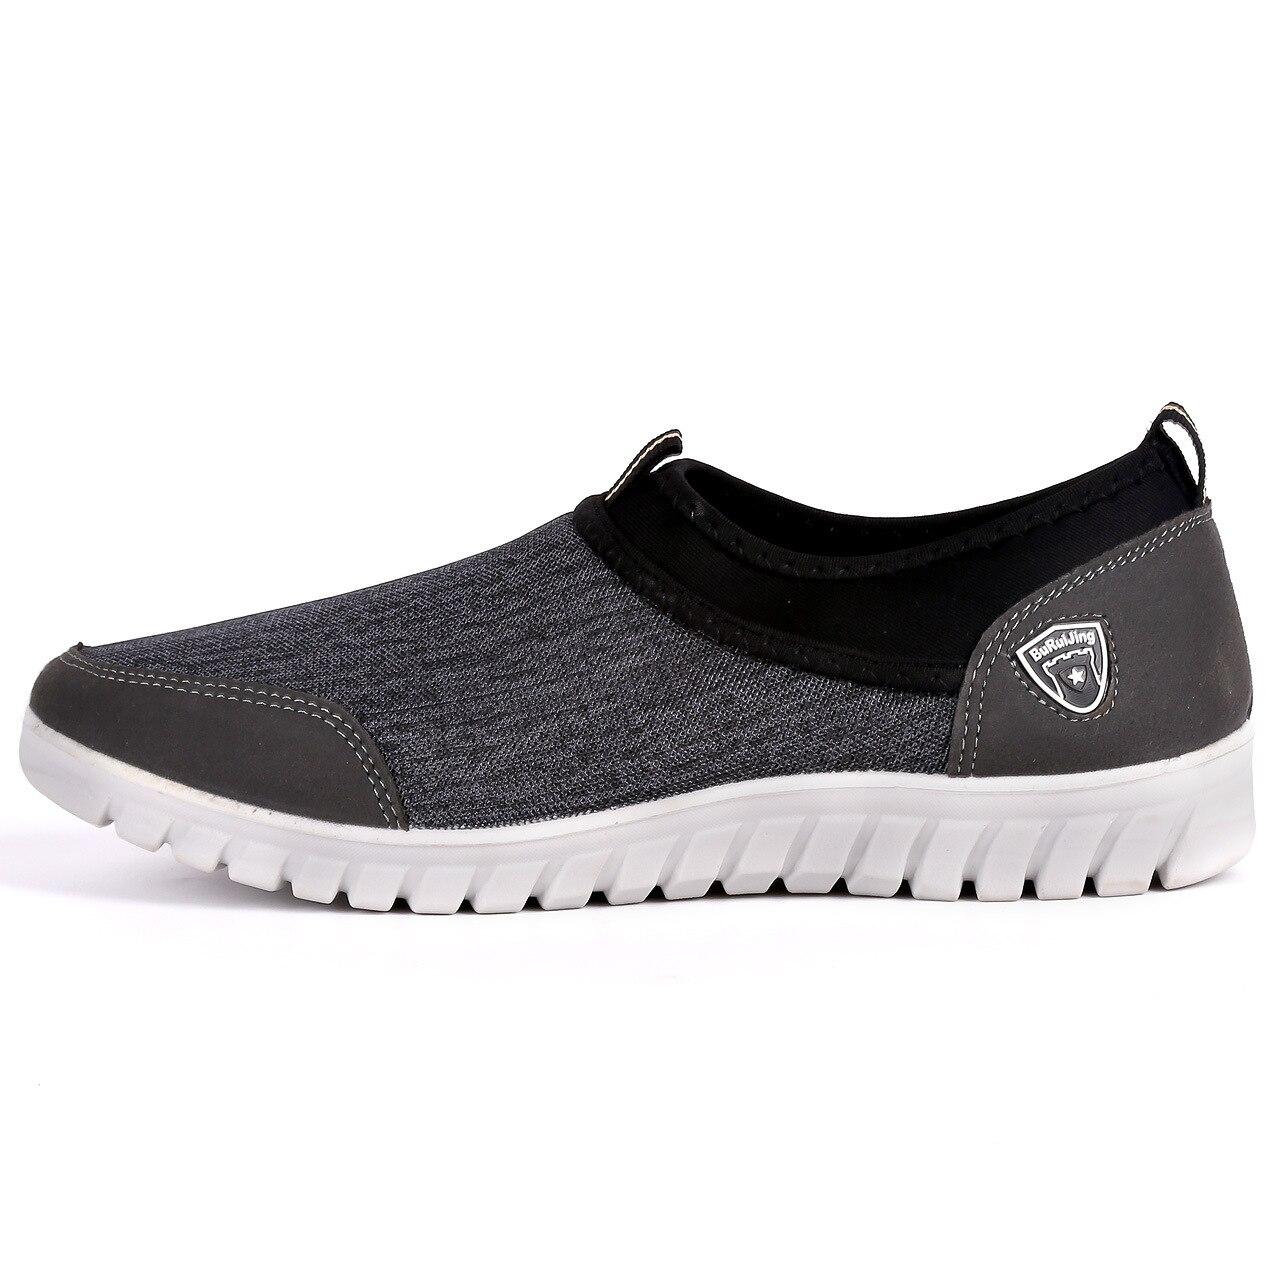 Zapatos Caminar Grande 48 Oscuro Zapatillas Transpirable Calzados Mocasines Verano Hombres azul Casual Slipon 38 gris Tamaño Cómodos Negro 4dzPqy1x